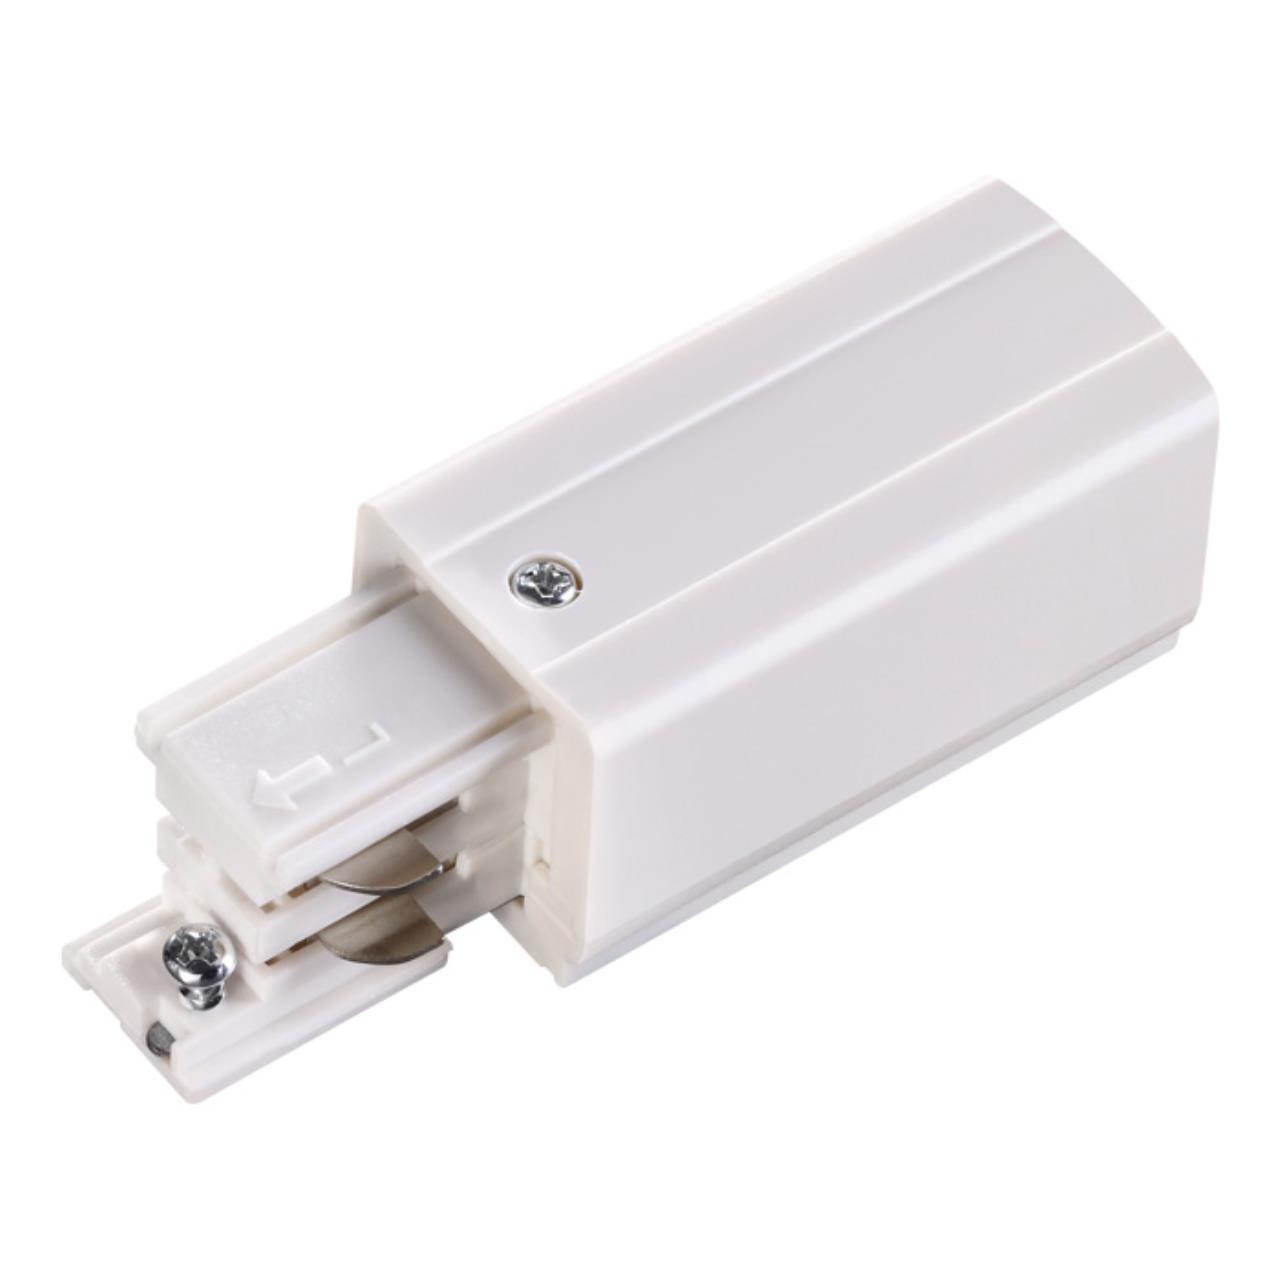 135048 PORT NT19 012 белый Соединитель-токопровод-правый для трехфазного шинопровода IP20 220V